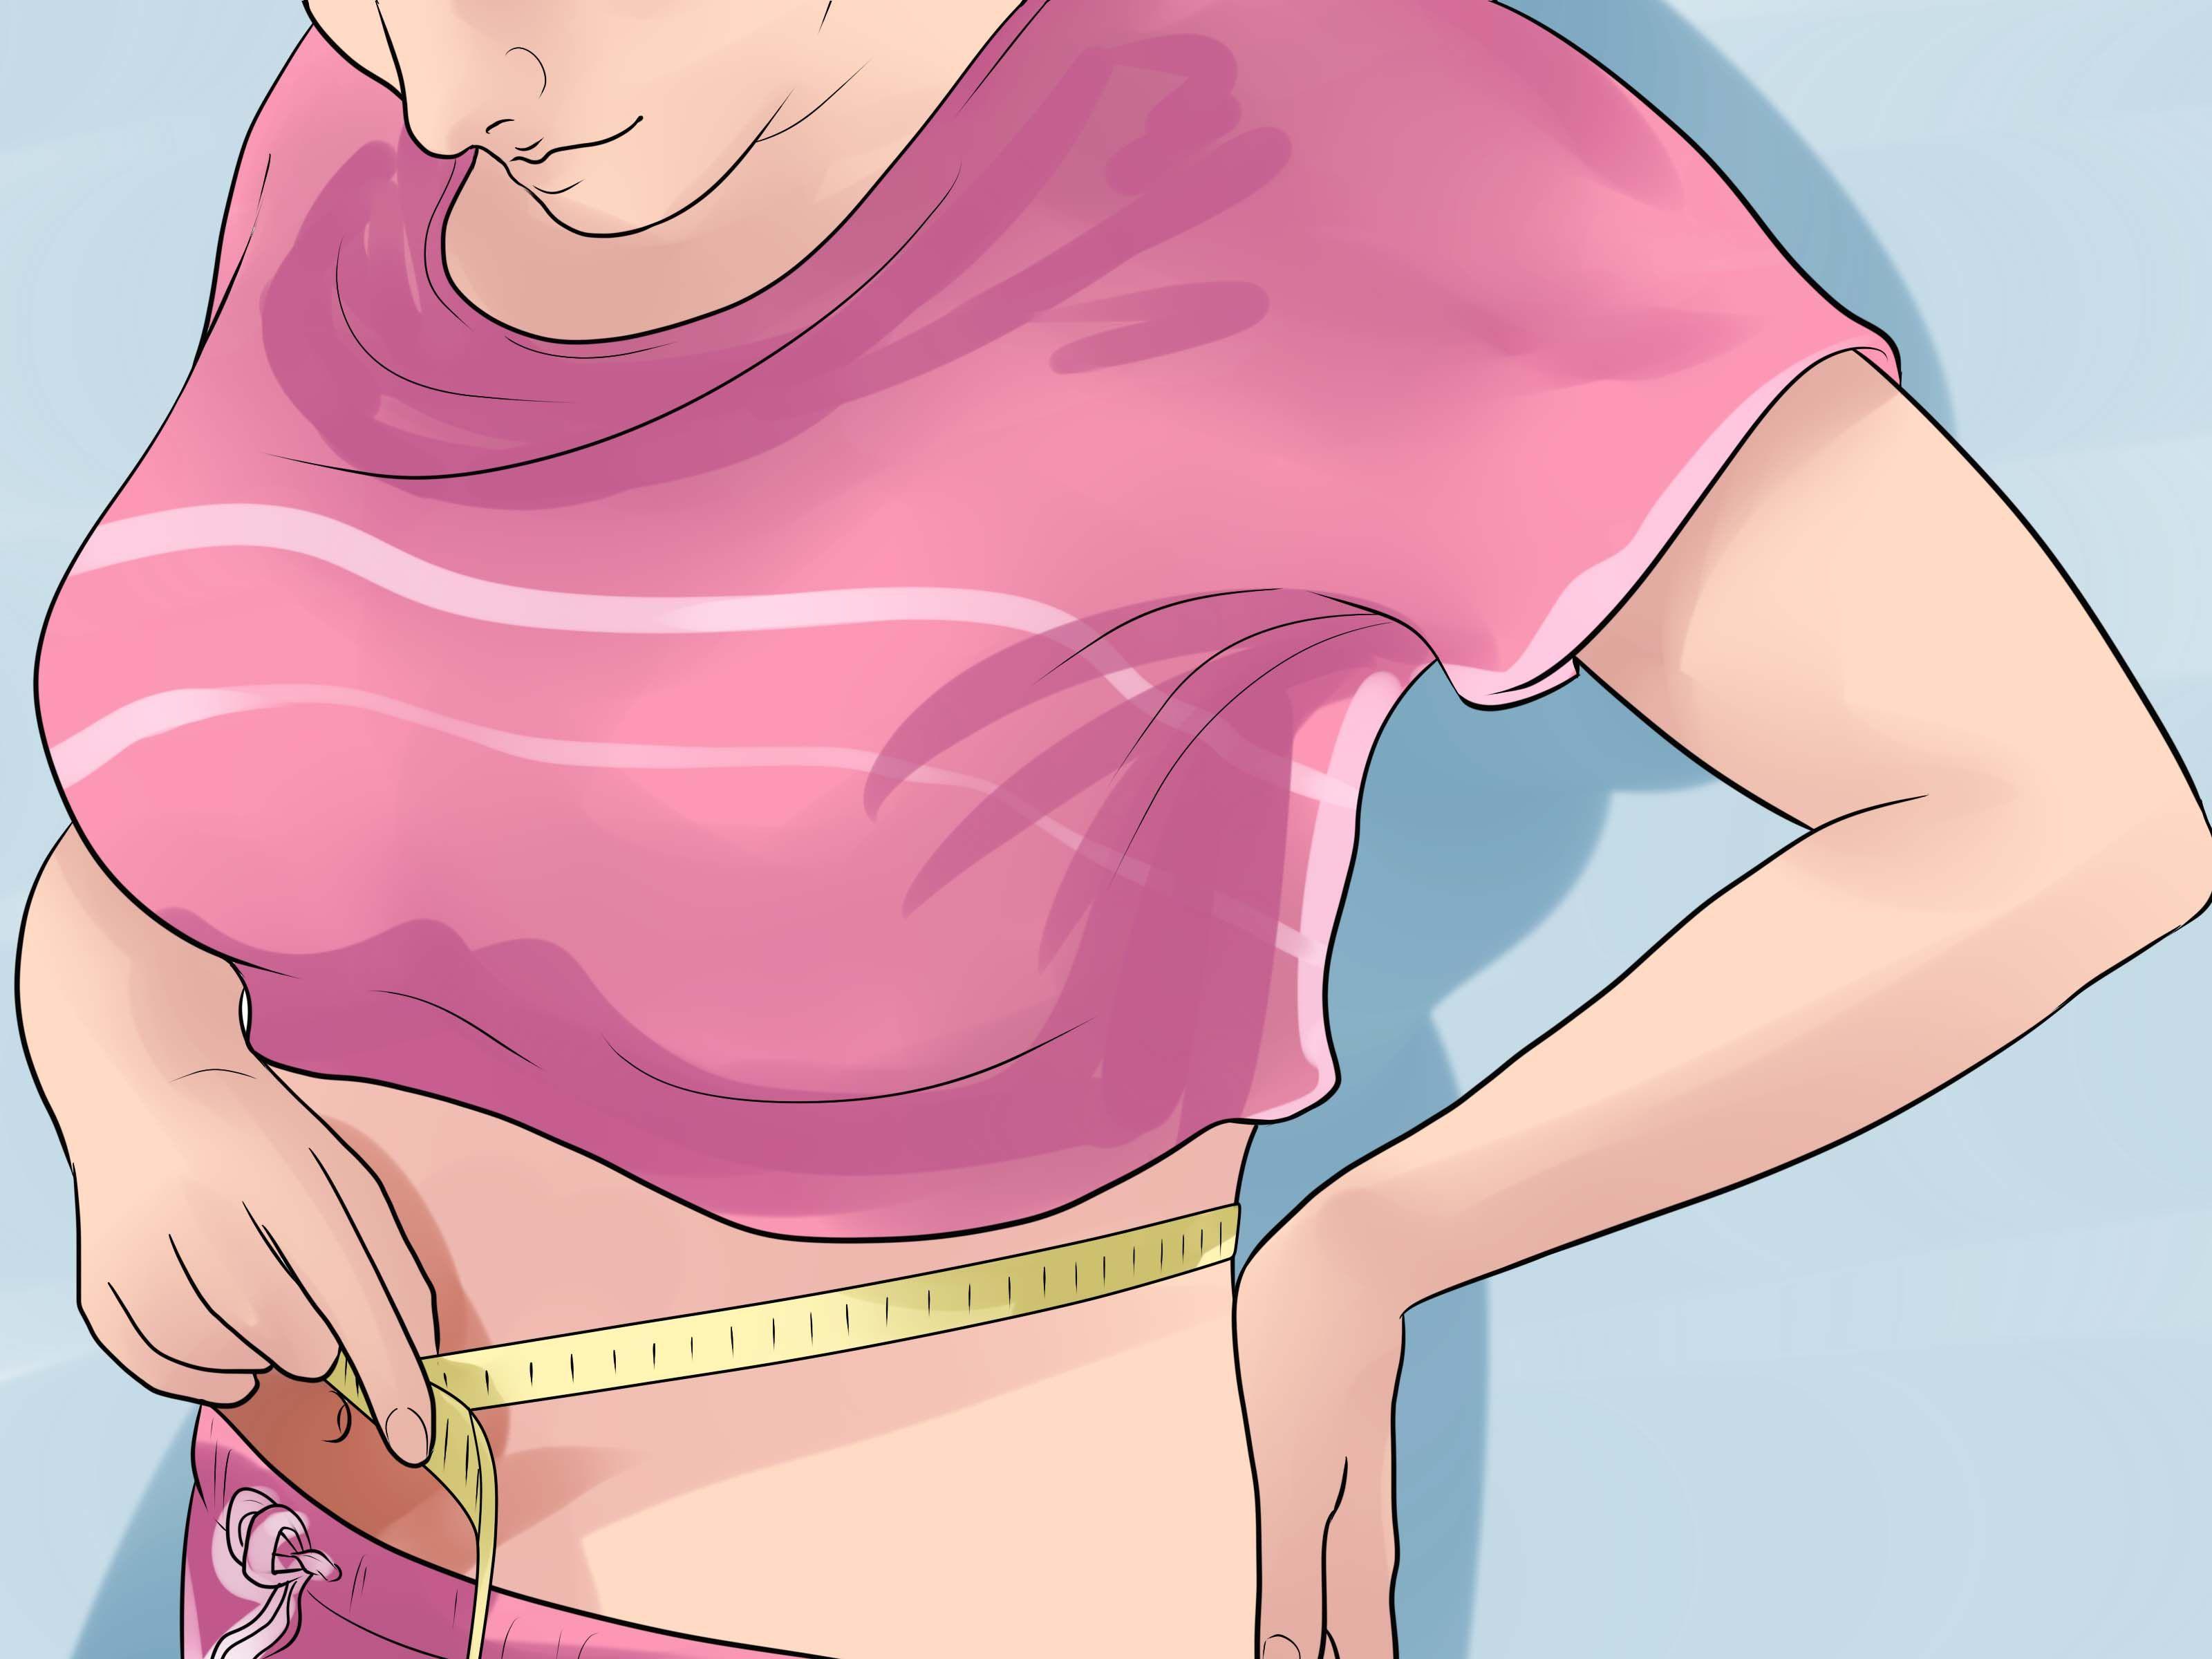 Heti 2 kiló fogyás - Fogyókúra | Femina